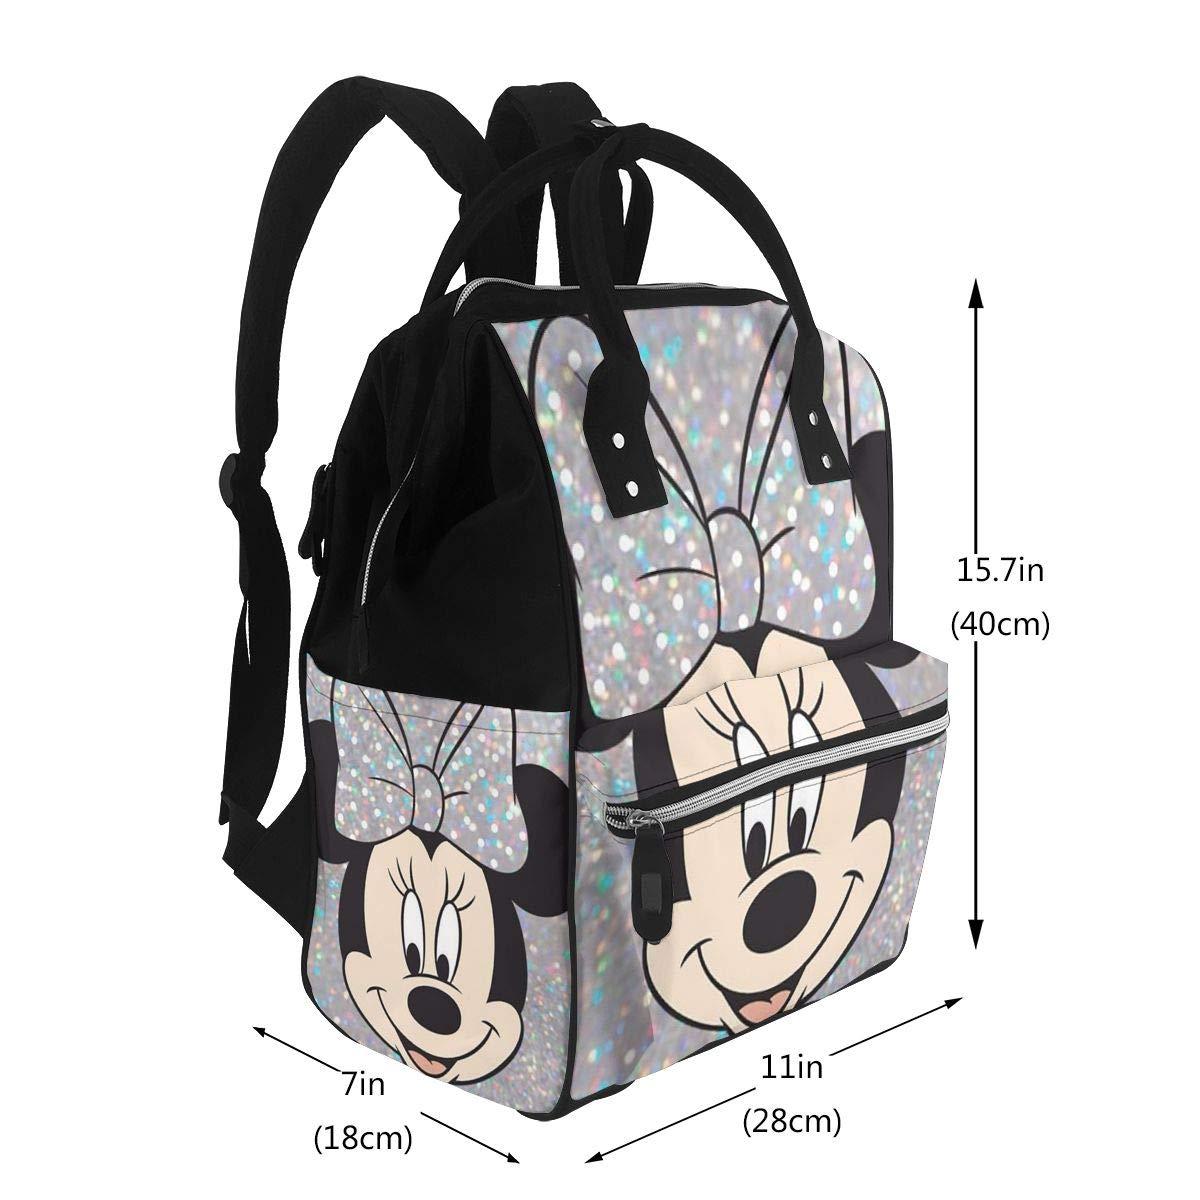 Multifunktions-Wickeltasche Rucksack f/ür Mama//Papa mit Kinderwagengurten und isolierten Taschen modisch und langlebig Minnie Mouse Wickelrucksack f/ür M/ütter